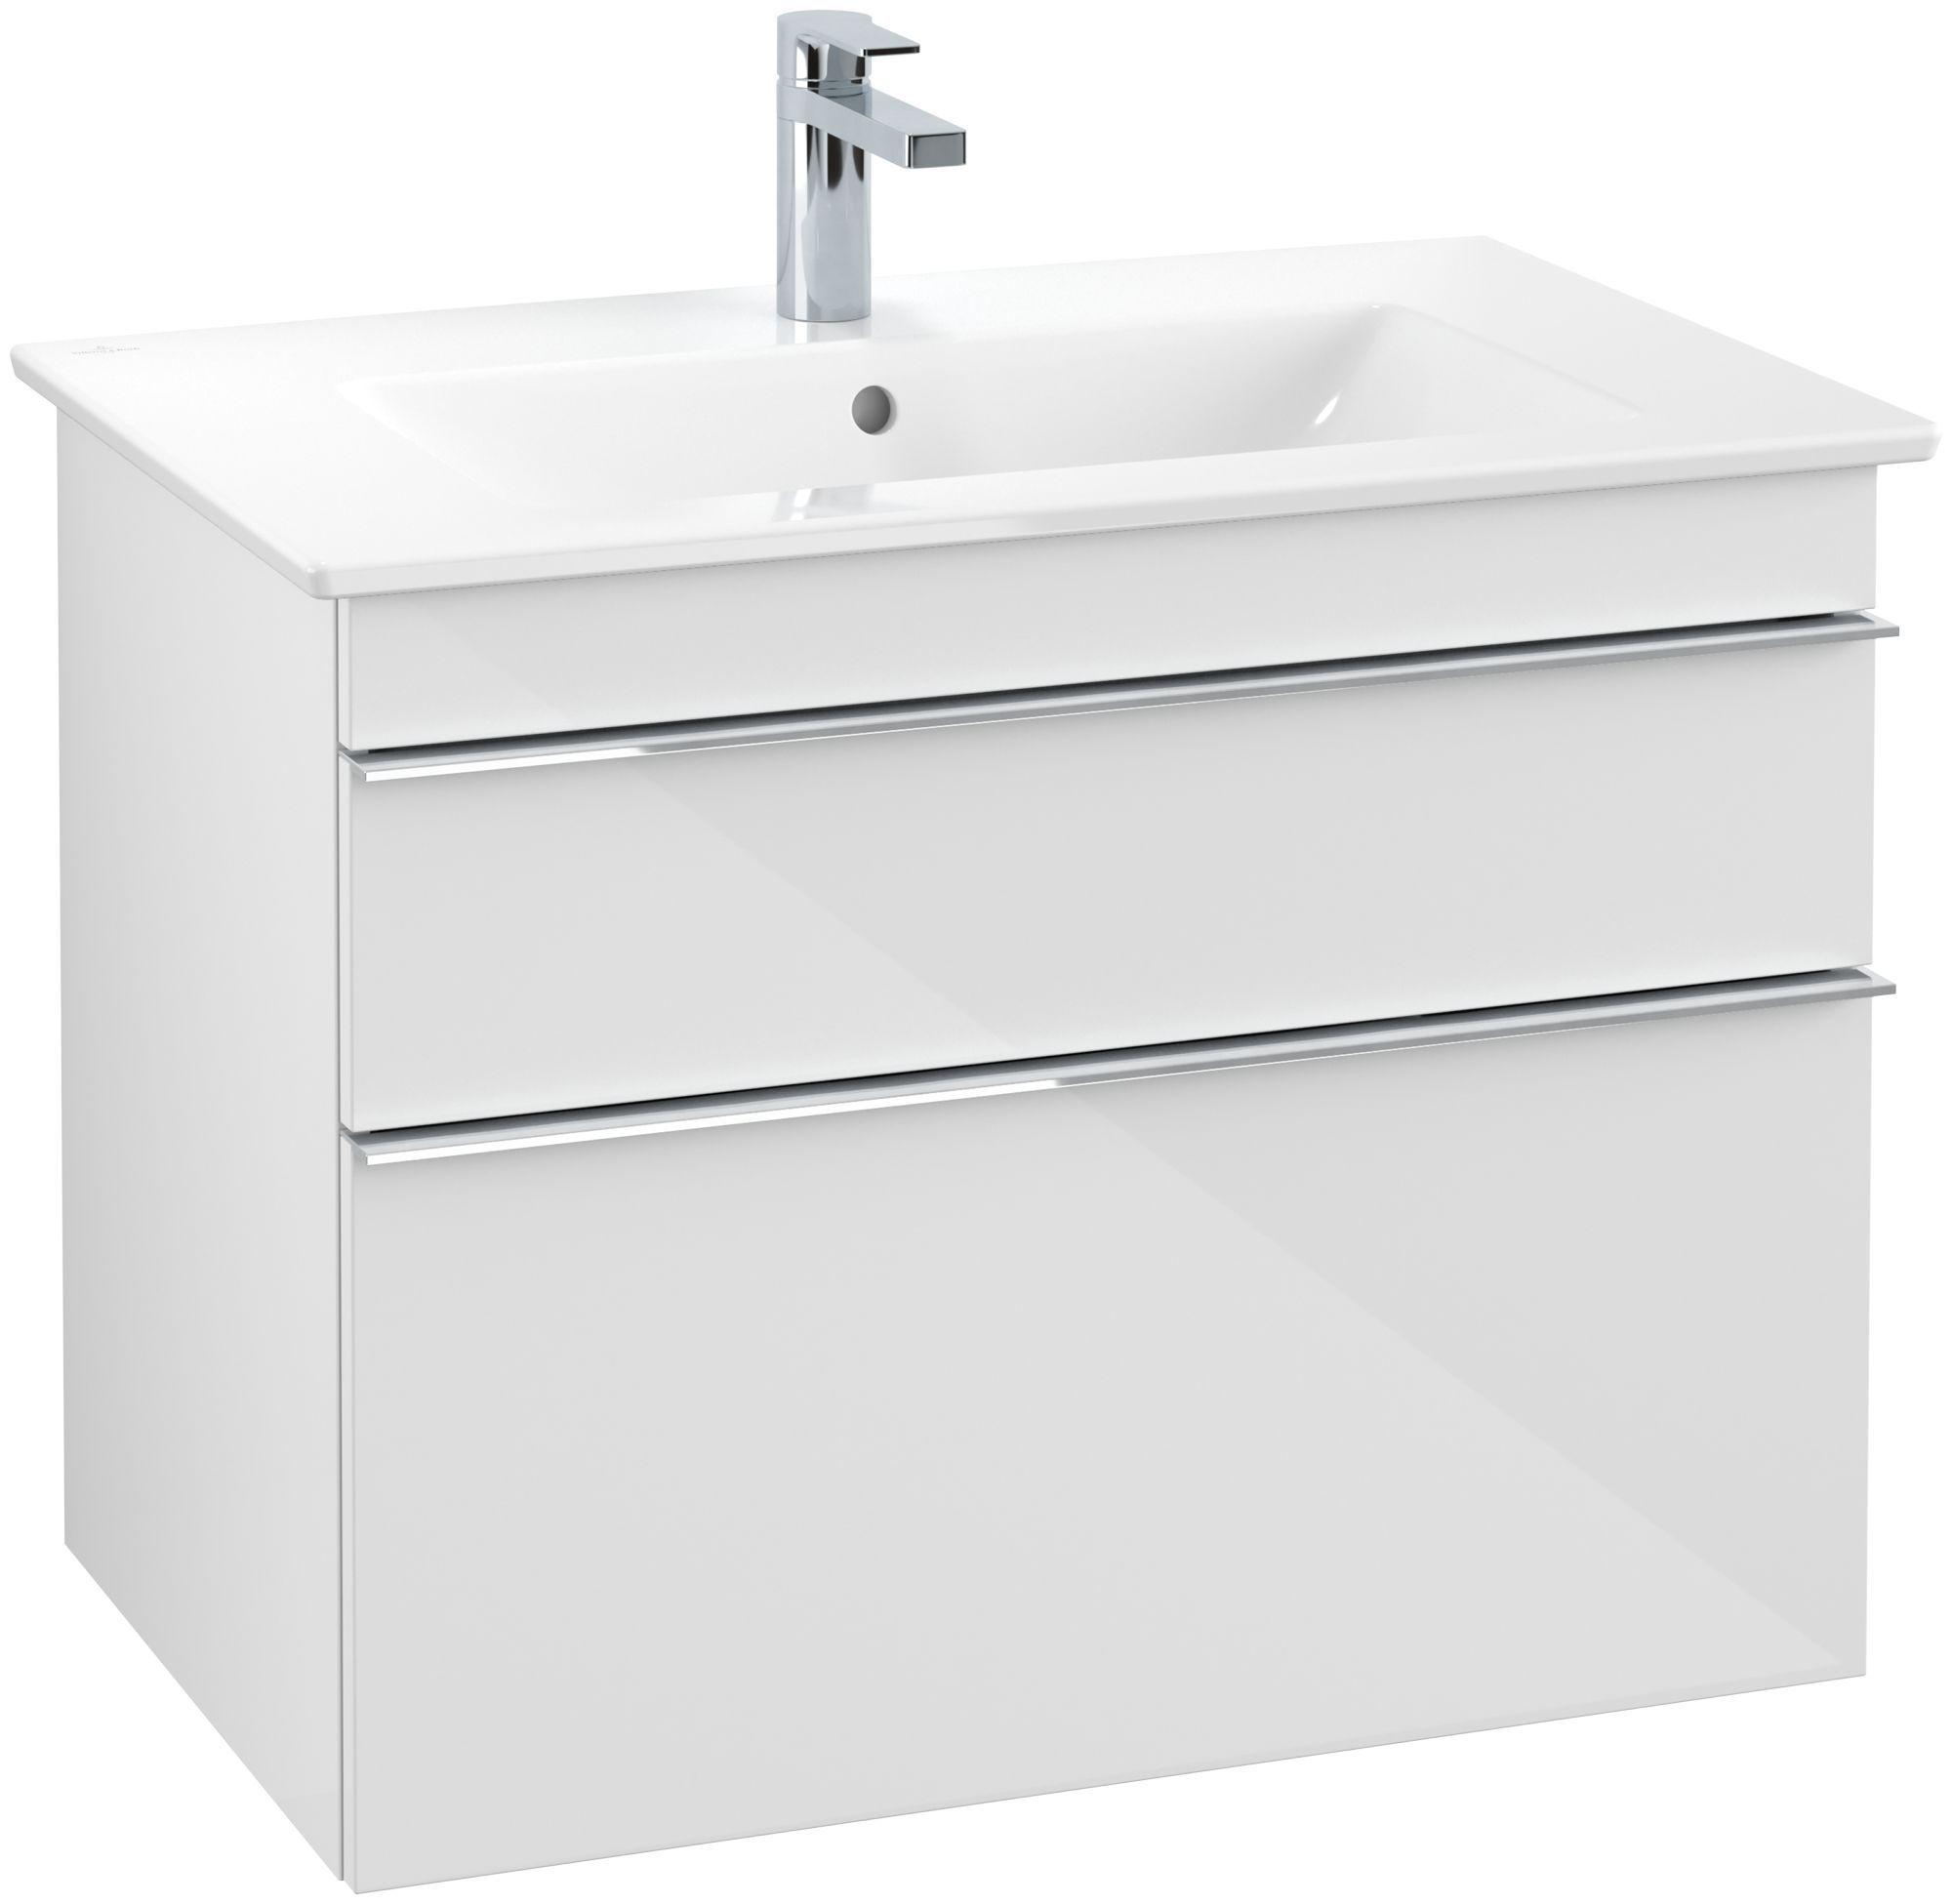 Villeroy & Boch Venticello Waschtischunterschrank 2 Auszüge B:753xT:502xH:590mm glossy weiß Griffe chrom A92501DH - MAIN